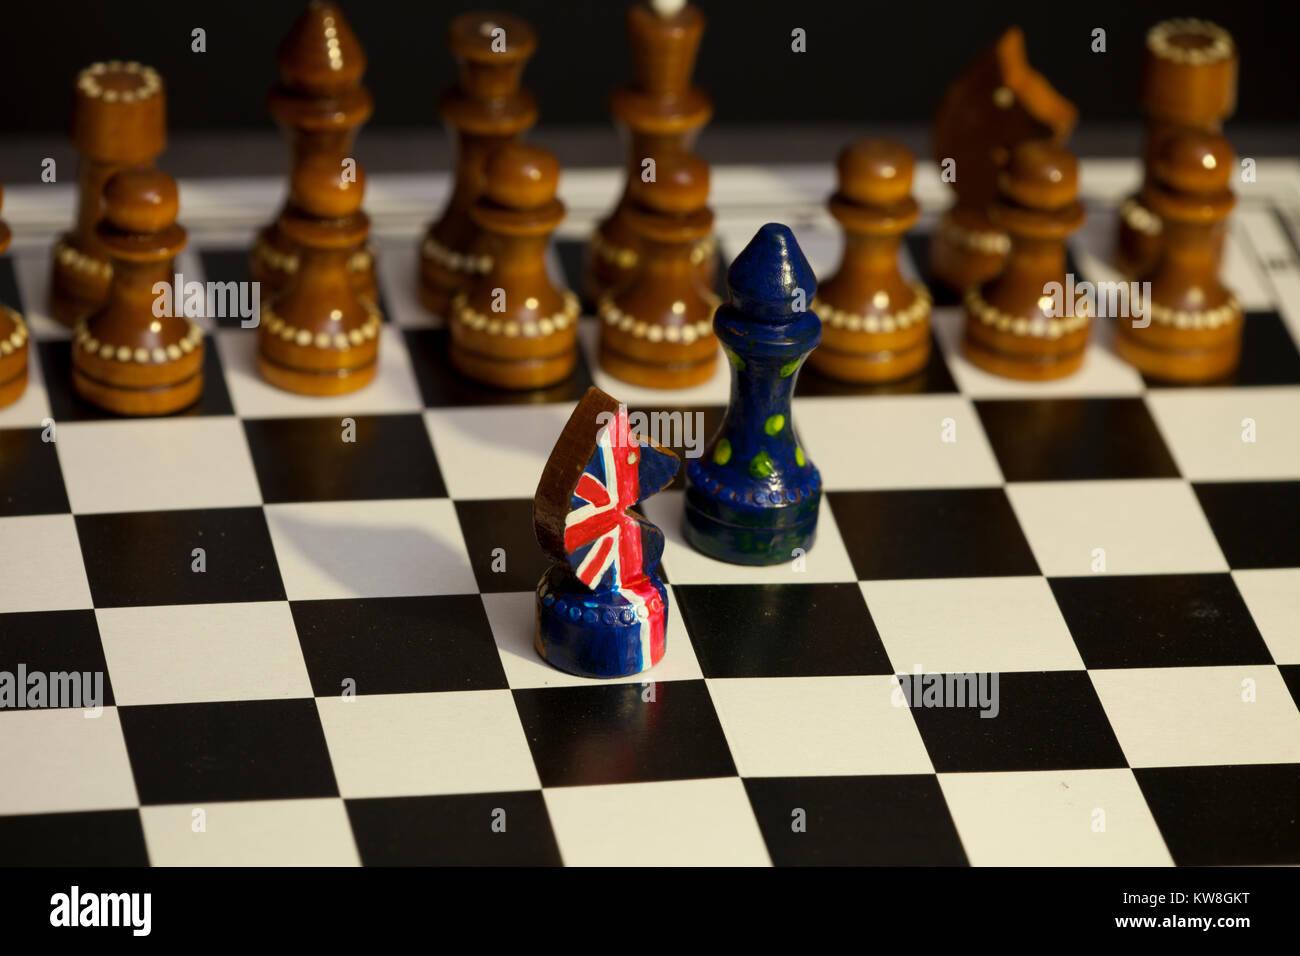 Juego de ajedrez de Gran Bretaña y la Unión Europea, británicos y europeos Brexit enfrentamiento Imagen De Stock